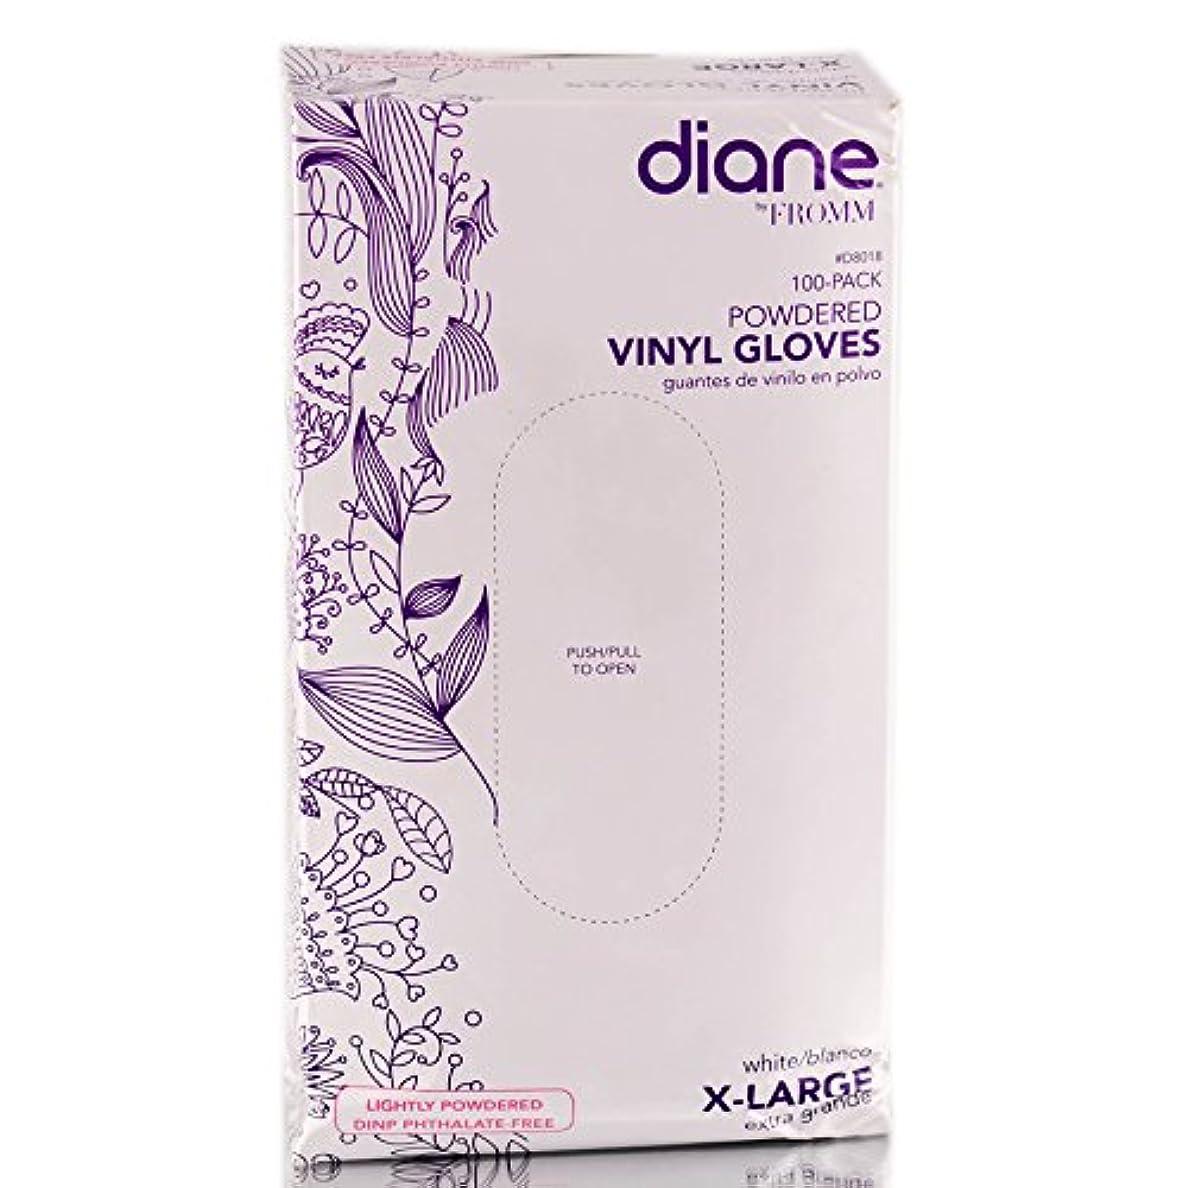 Diane D8018ビニール手袋パウダー、100カウント 特大